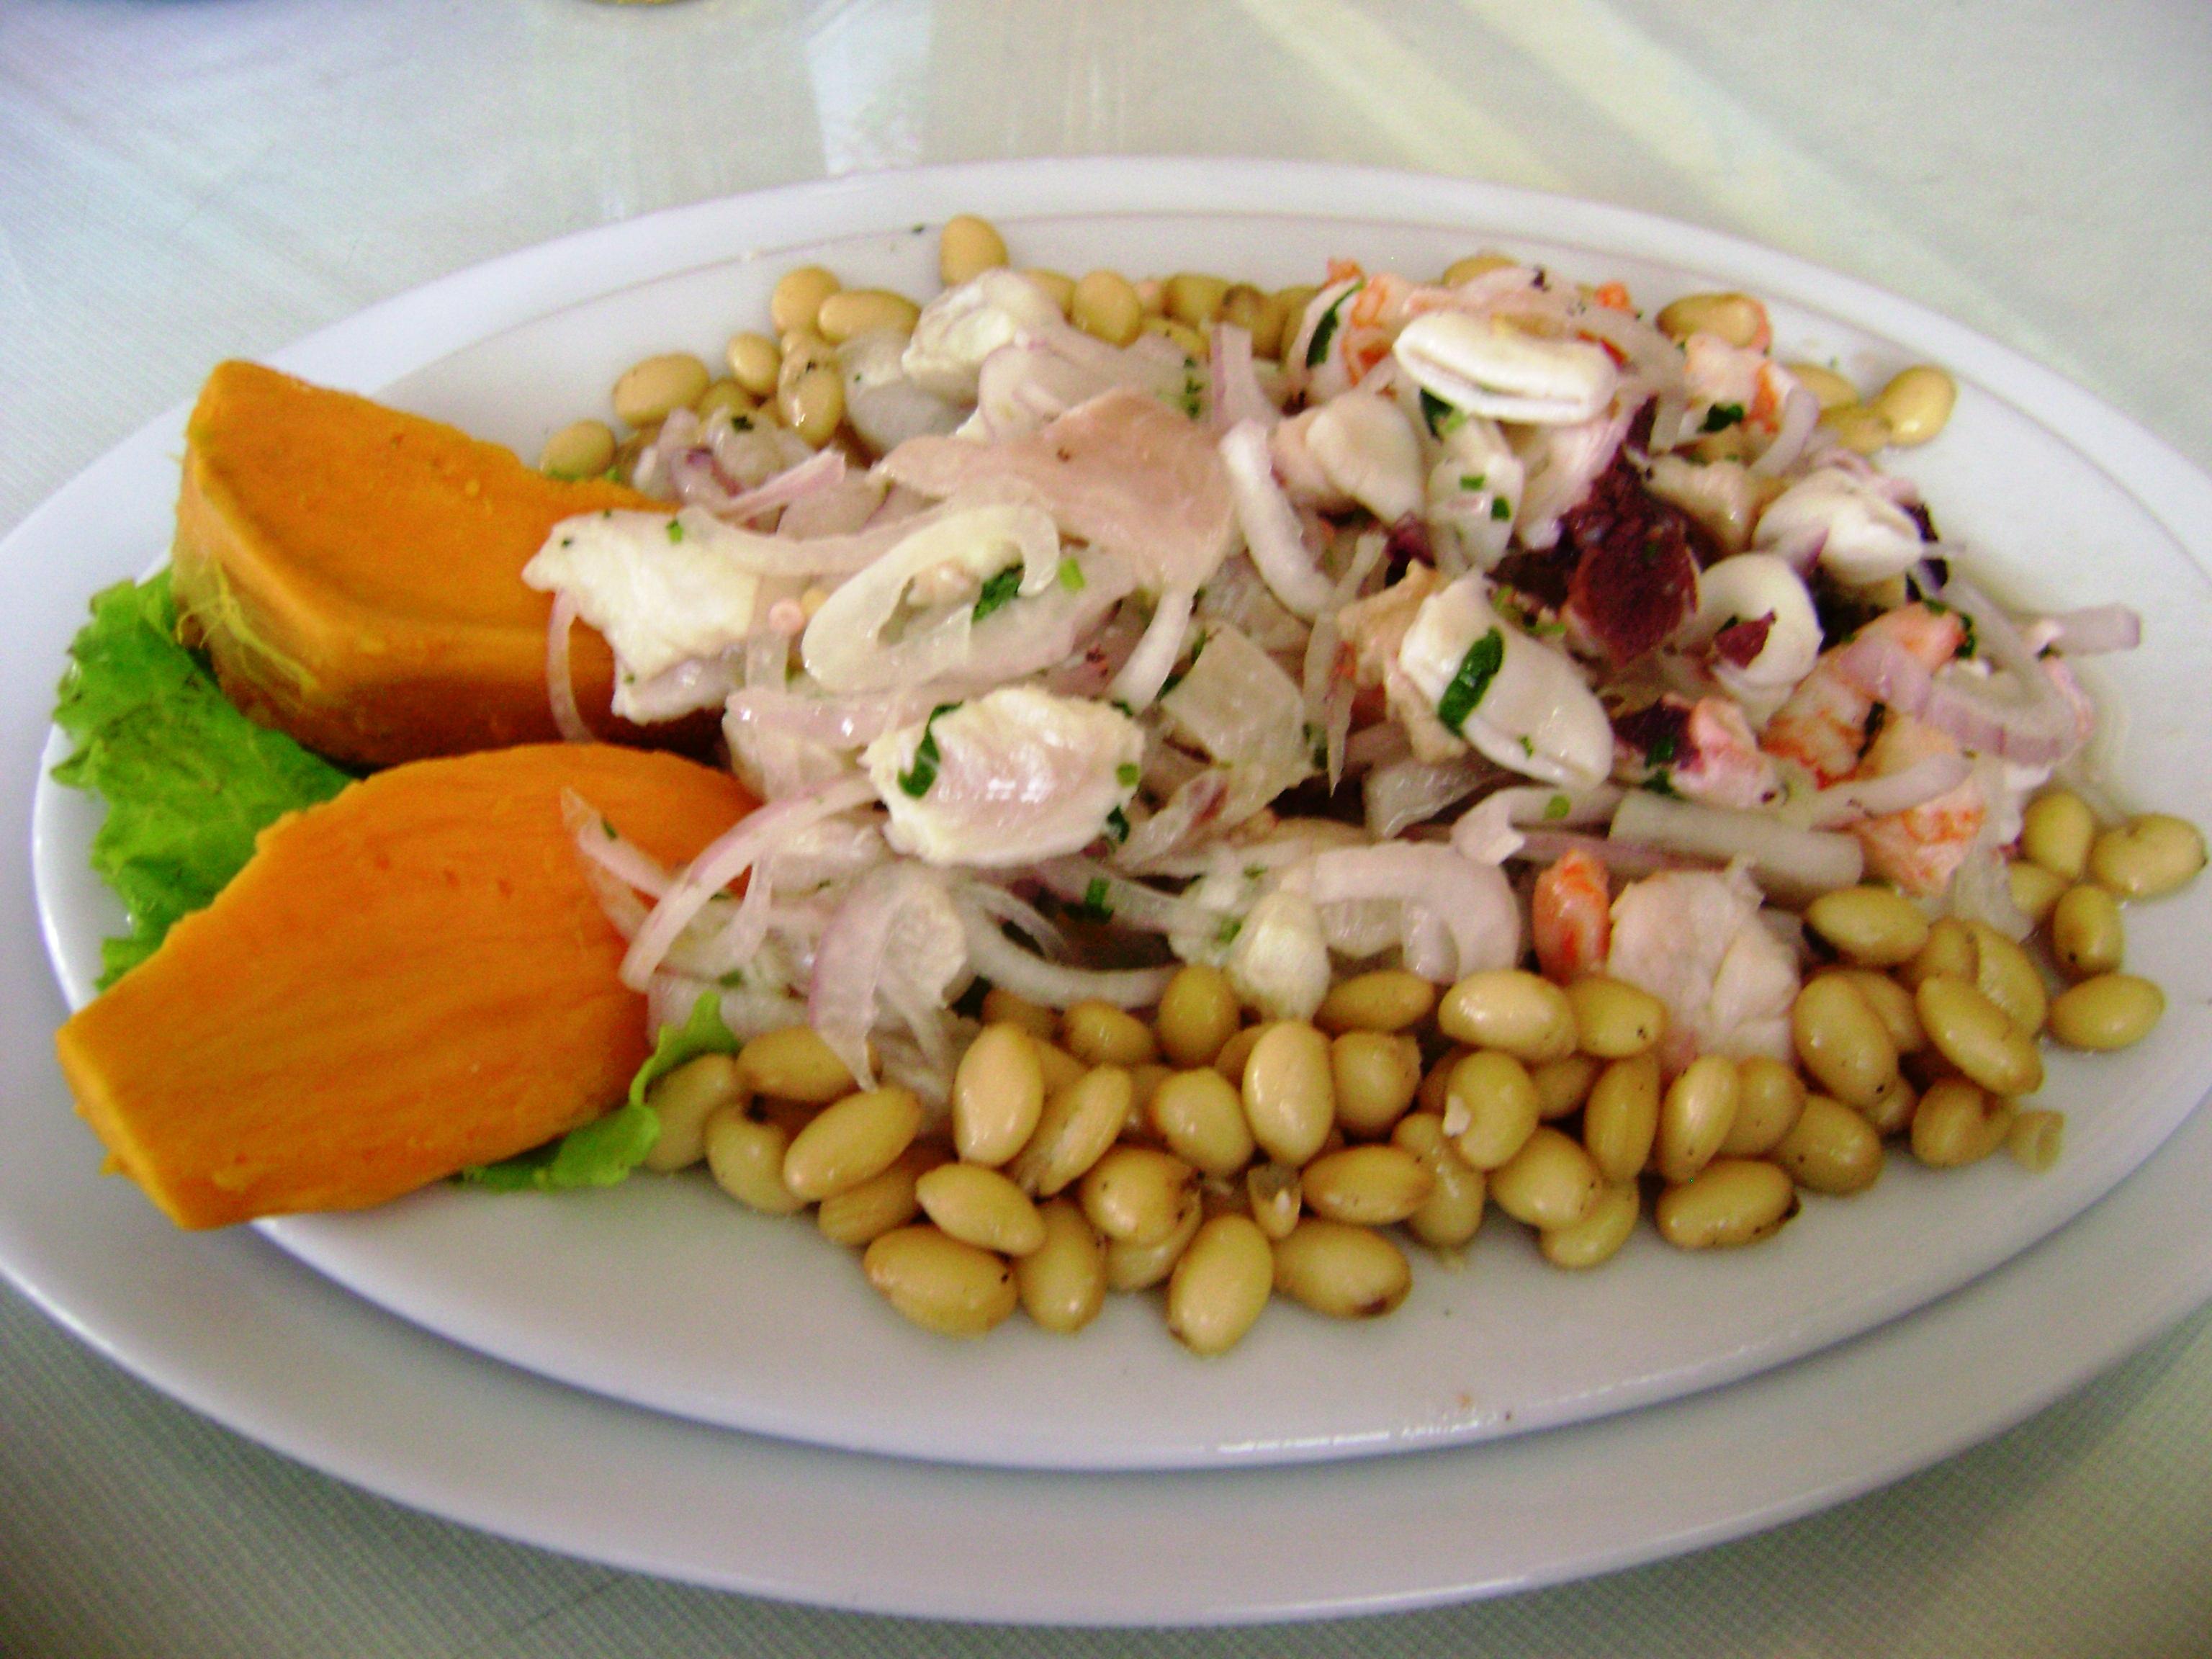 File:Ceviche mixto con zarandajas.JPG - Wikimedia Commons